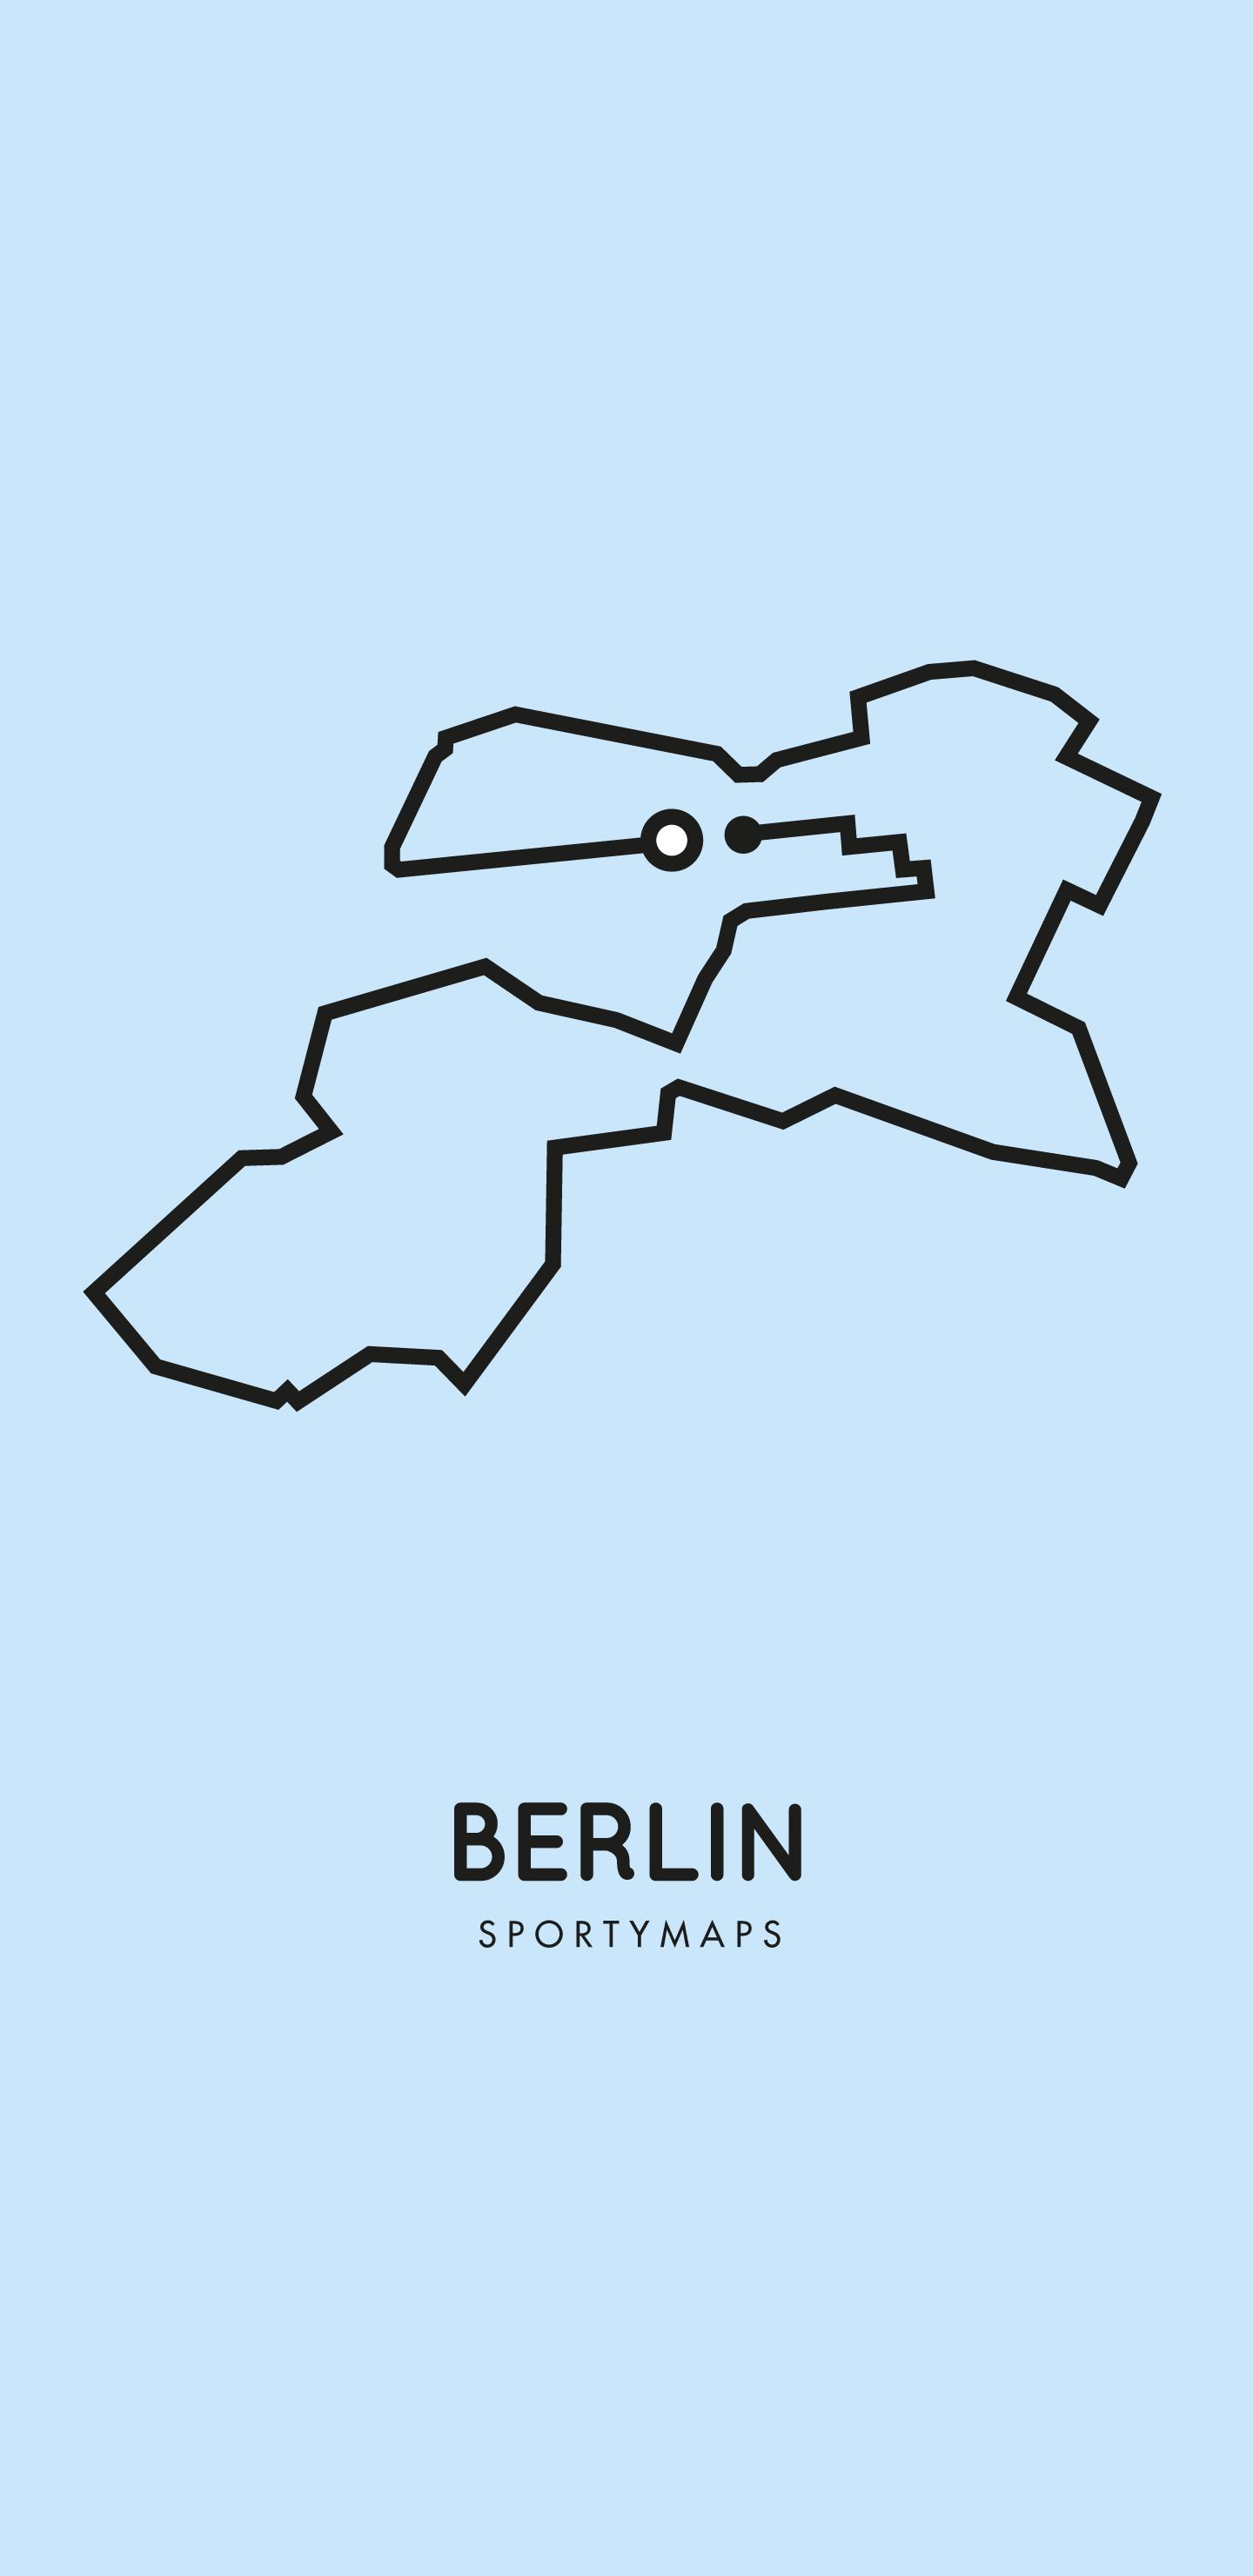 Sportymaps-Berlin-marathon-blue